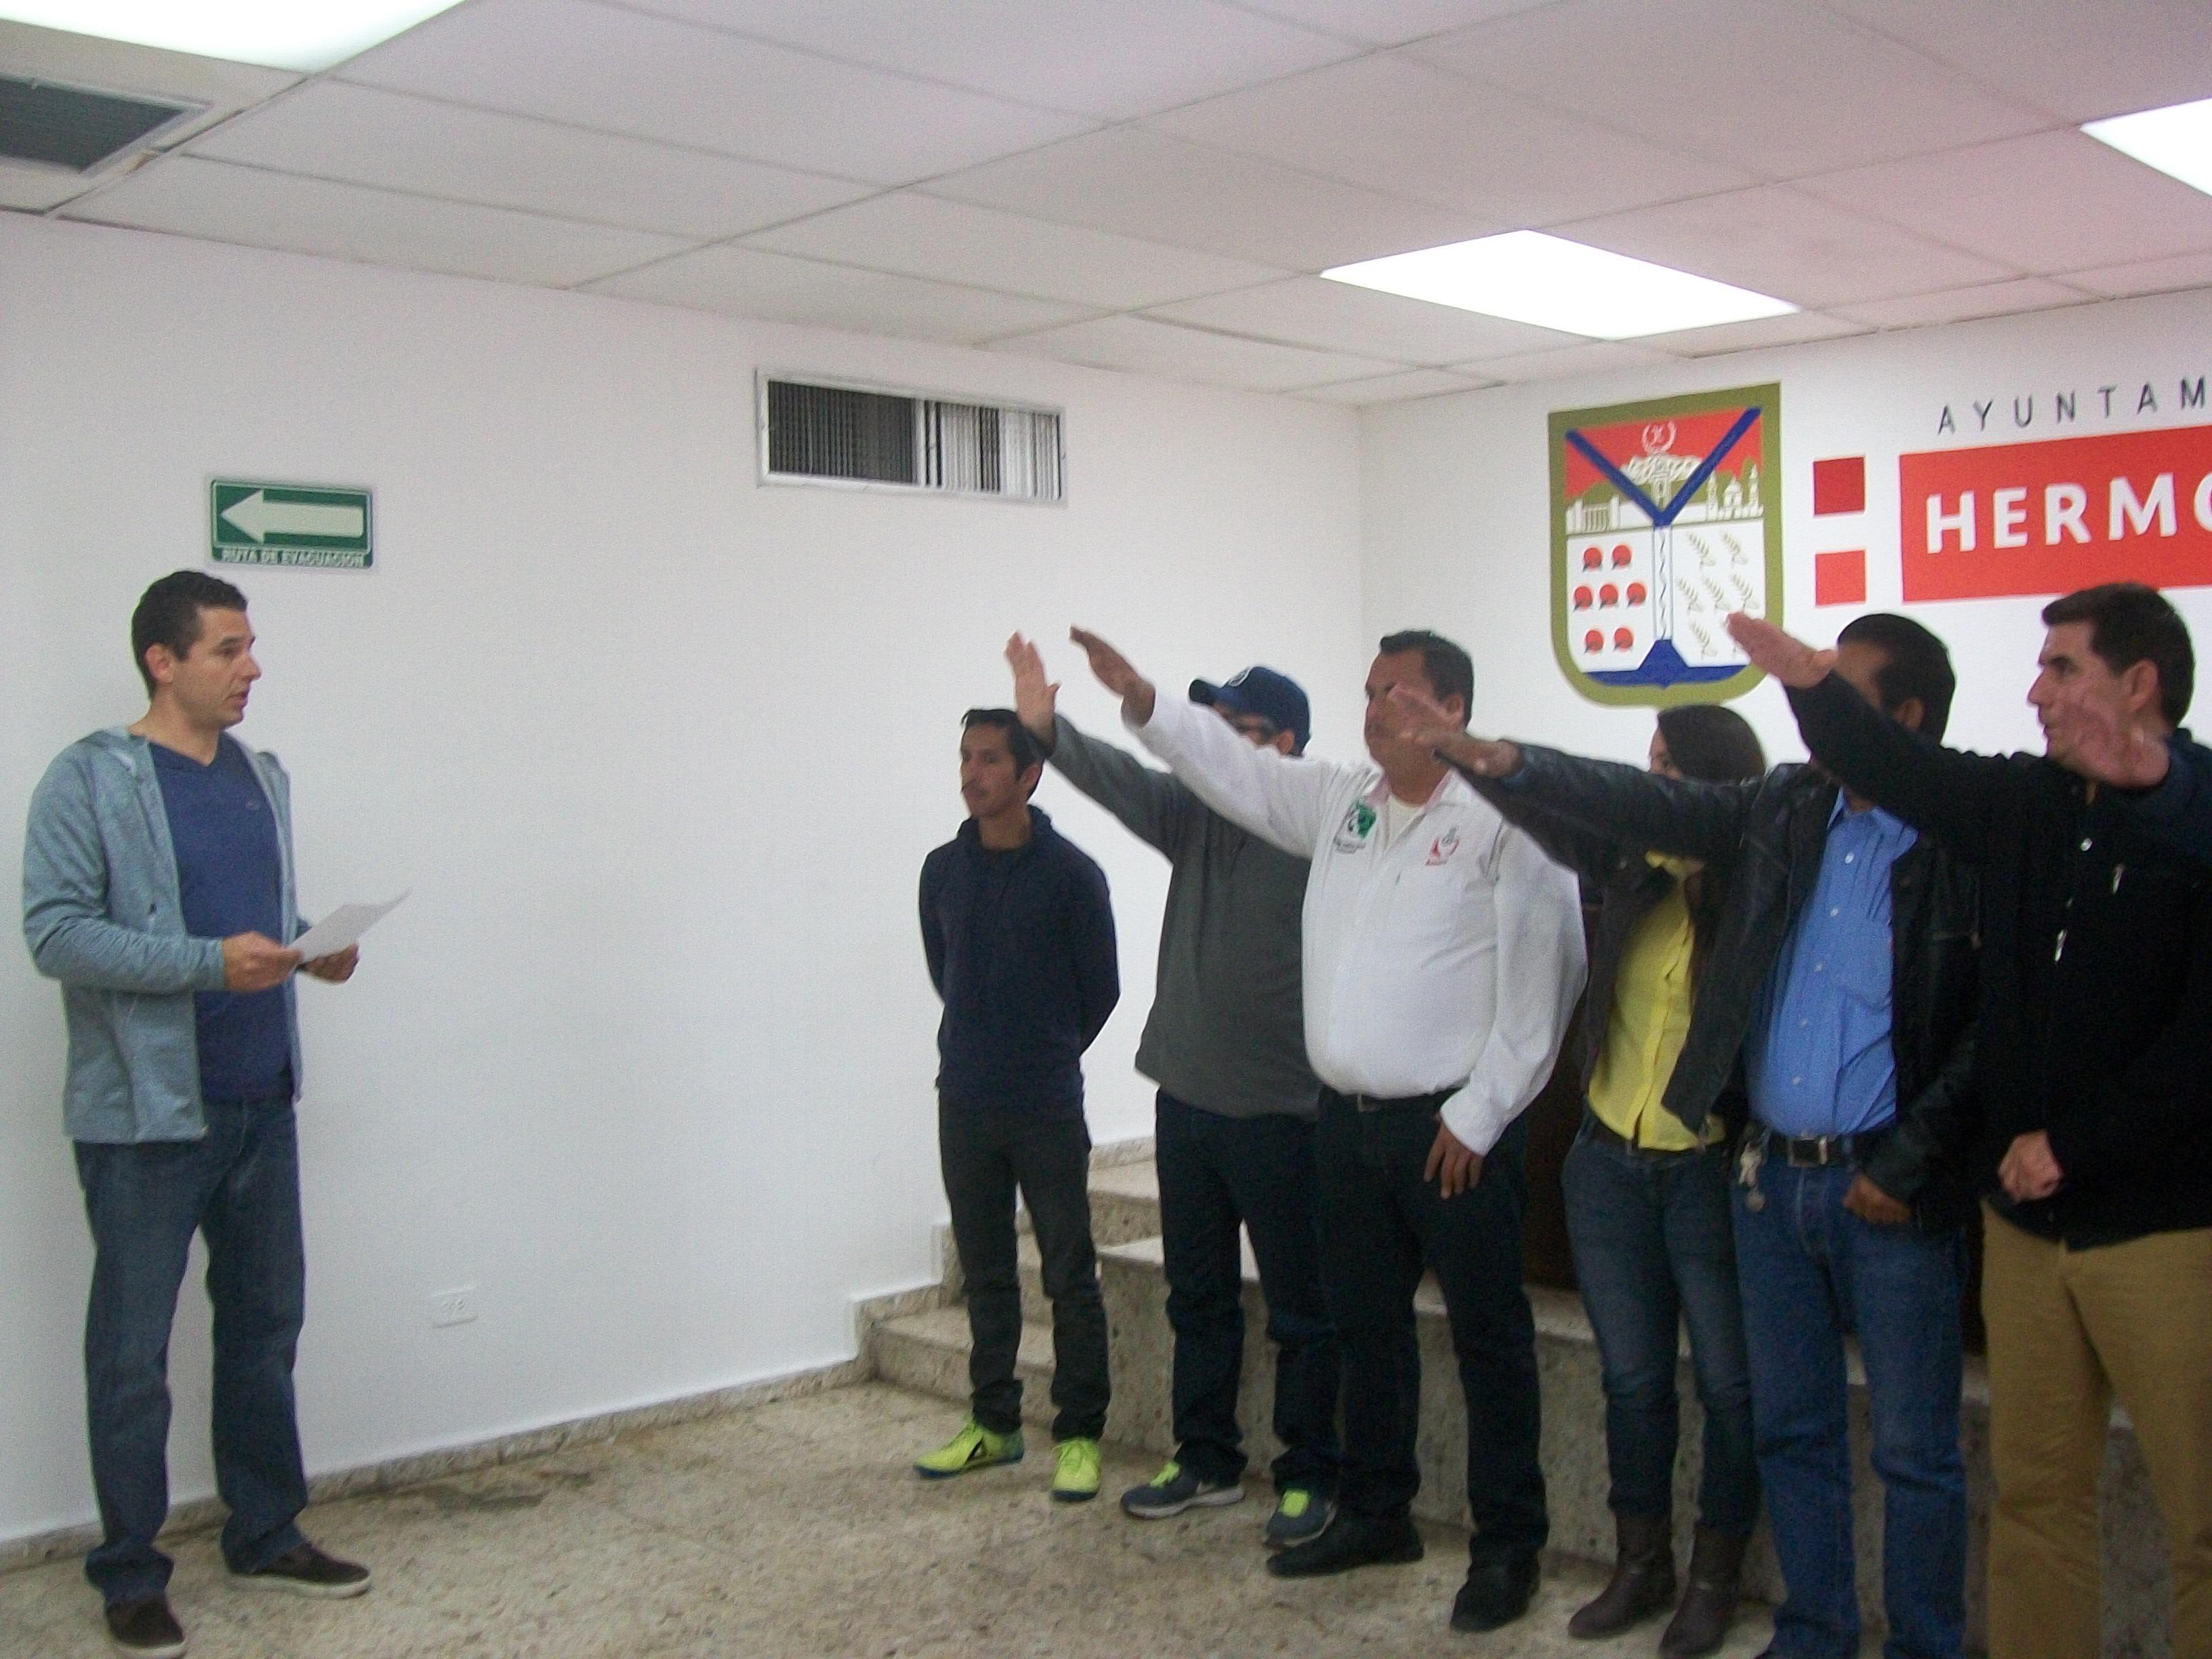 Liga municipal de futbol idh for Liga municipal marca